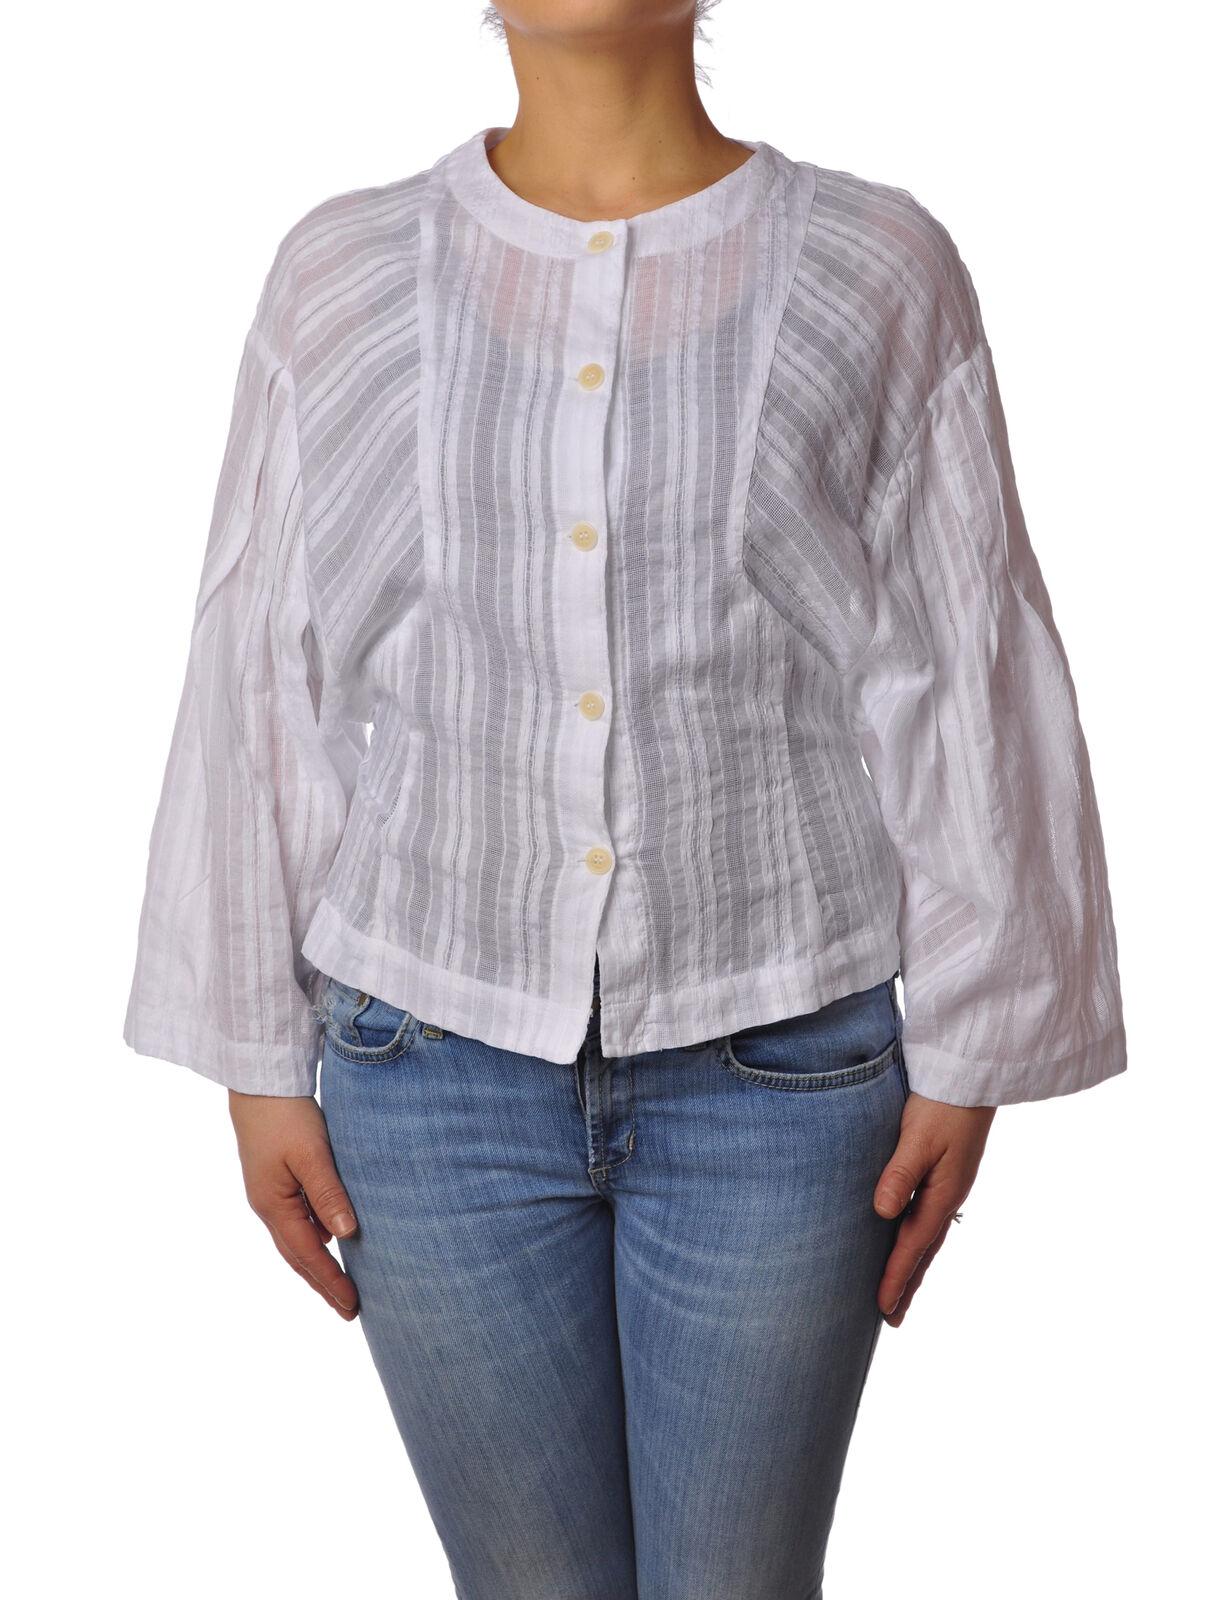 Garage Nouveau - Shirts-Shirts - Woman - White - 4976027B183859